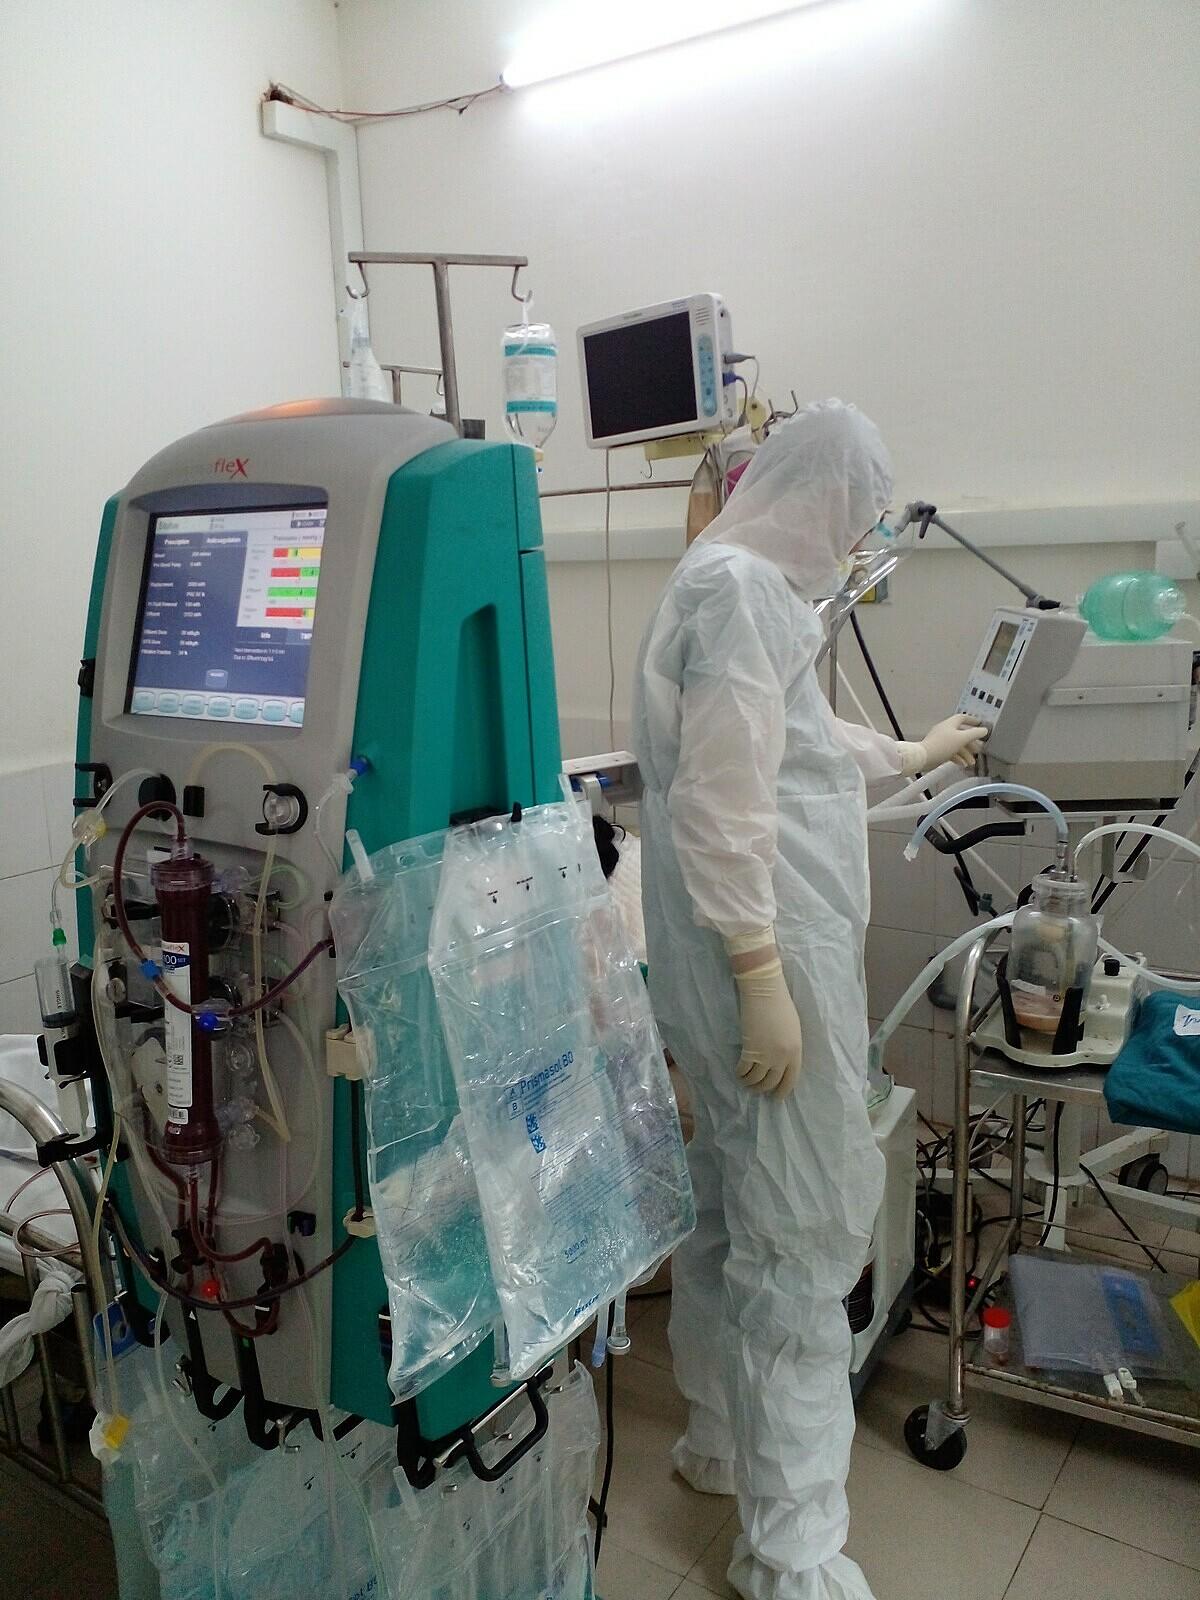 Đoàn chi viện từ Bệnh viện Đại học Y Hà Nội hỗ trợ ngành y tế địa phương trong điều trị bệnh nhân nặng và đào tạo thêm nhân lực nâng cao tay nghề. Ảnh: Bác sĩ cung cấp